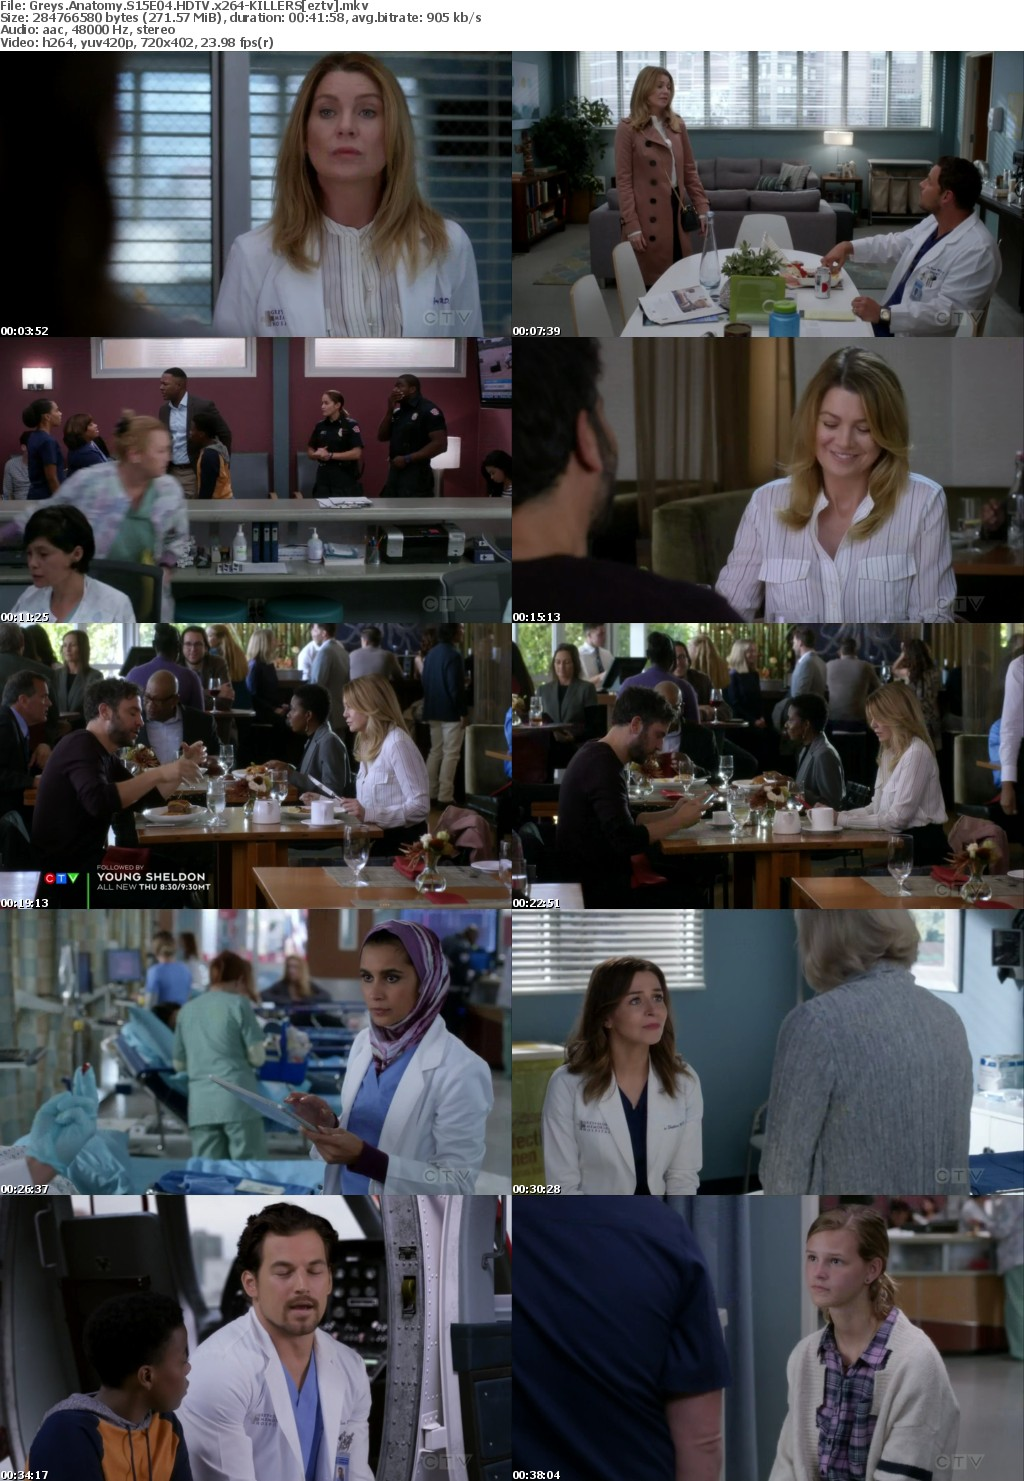 Greys Anatomy S15E04 HDTV x264-KILLERS